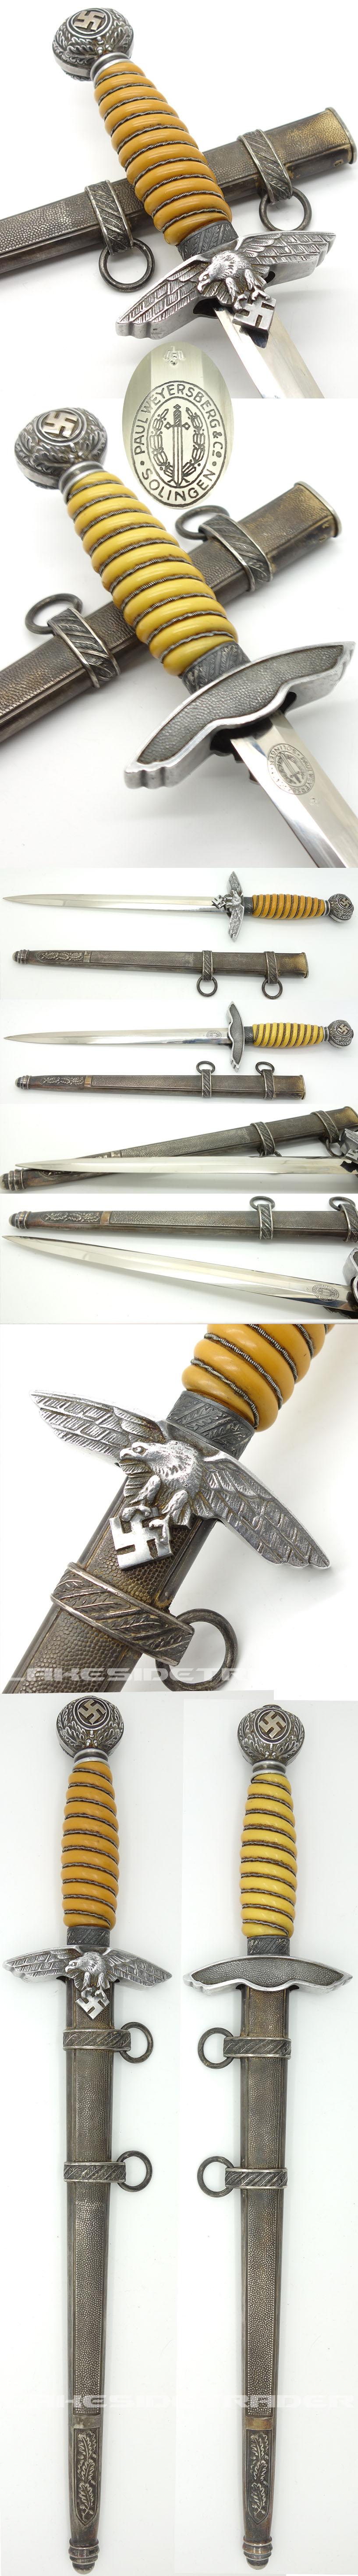 2nd Model Luftwaffe Dagger by P. Weyersberg